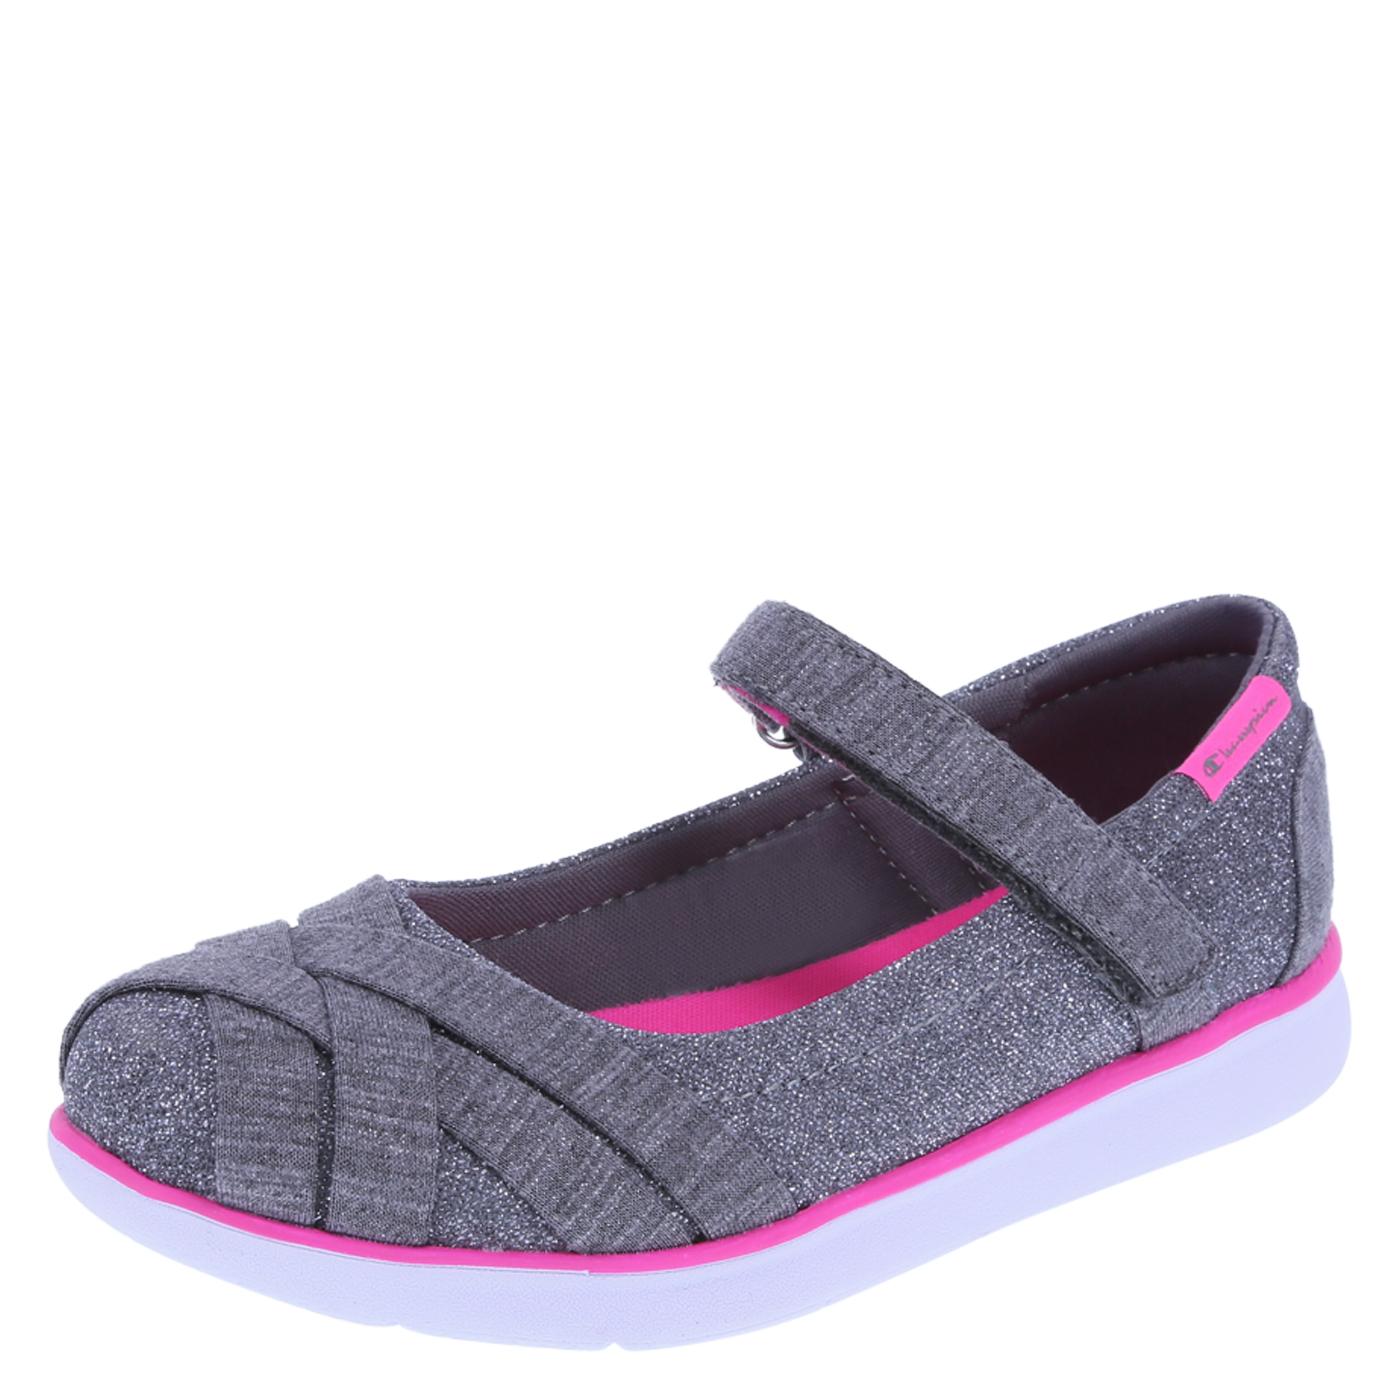 Calzado Tropicana moda para los pies de las peques hecho en México. @calzado_tropicana. Ver detalle. Las balerinas de conejo ya llegaron a Tropicana. @calzado_tropicana. Ver detalle. Los modelos Tropicana son % Mexicanos, Recuerda que tenemos envíos a .